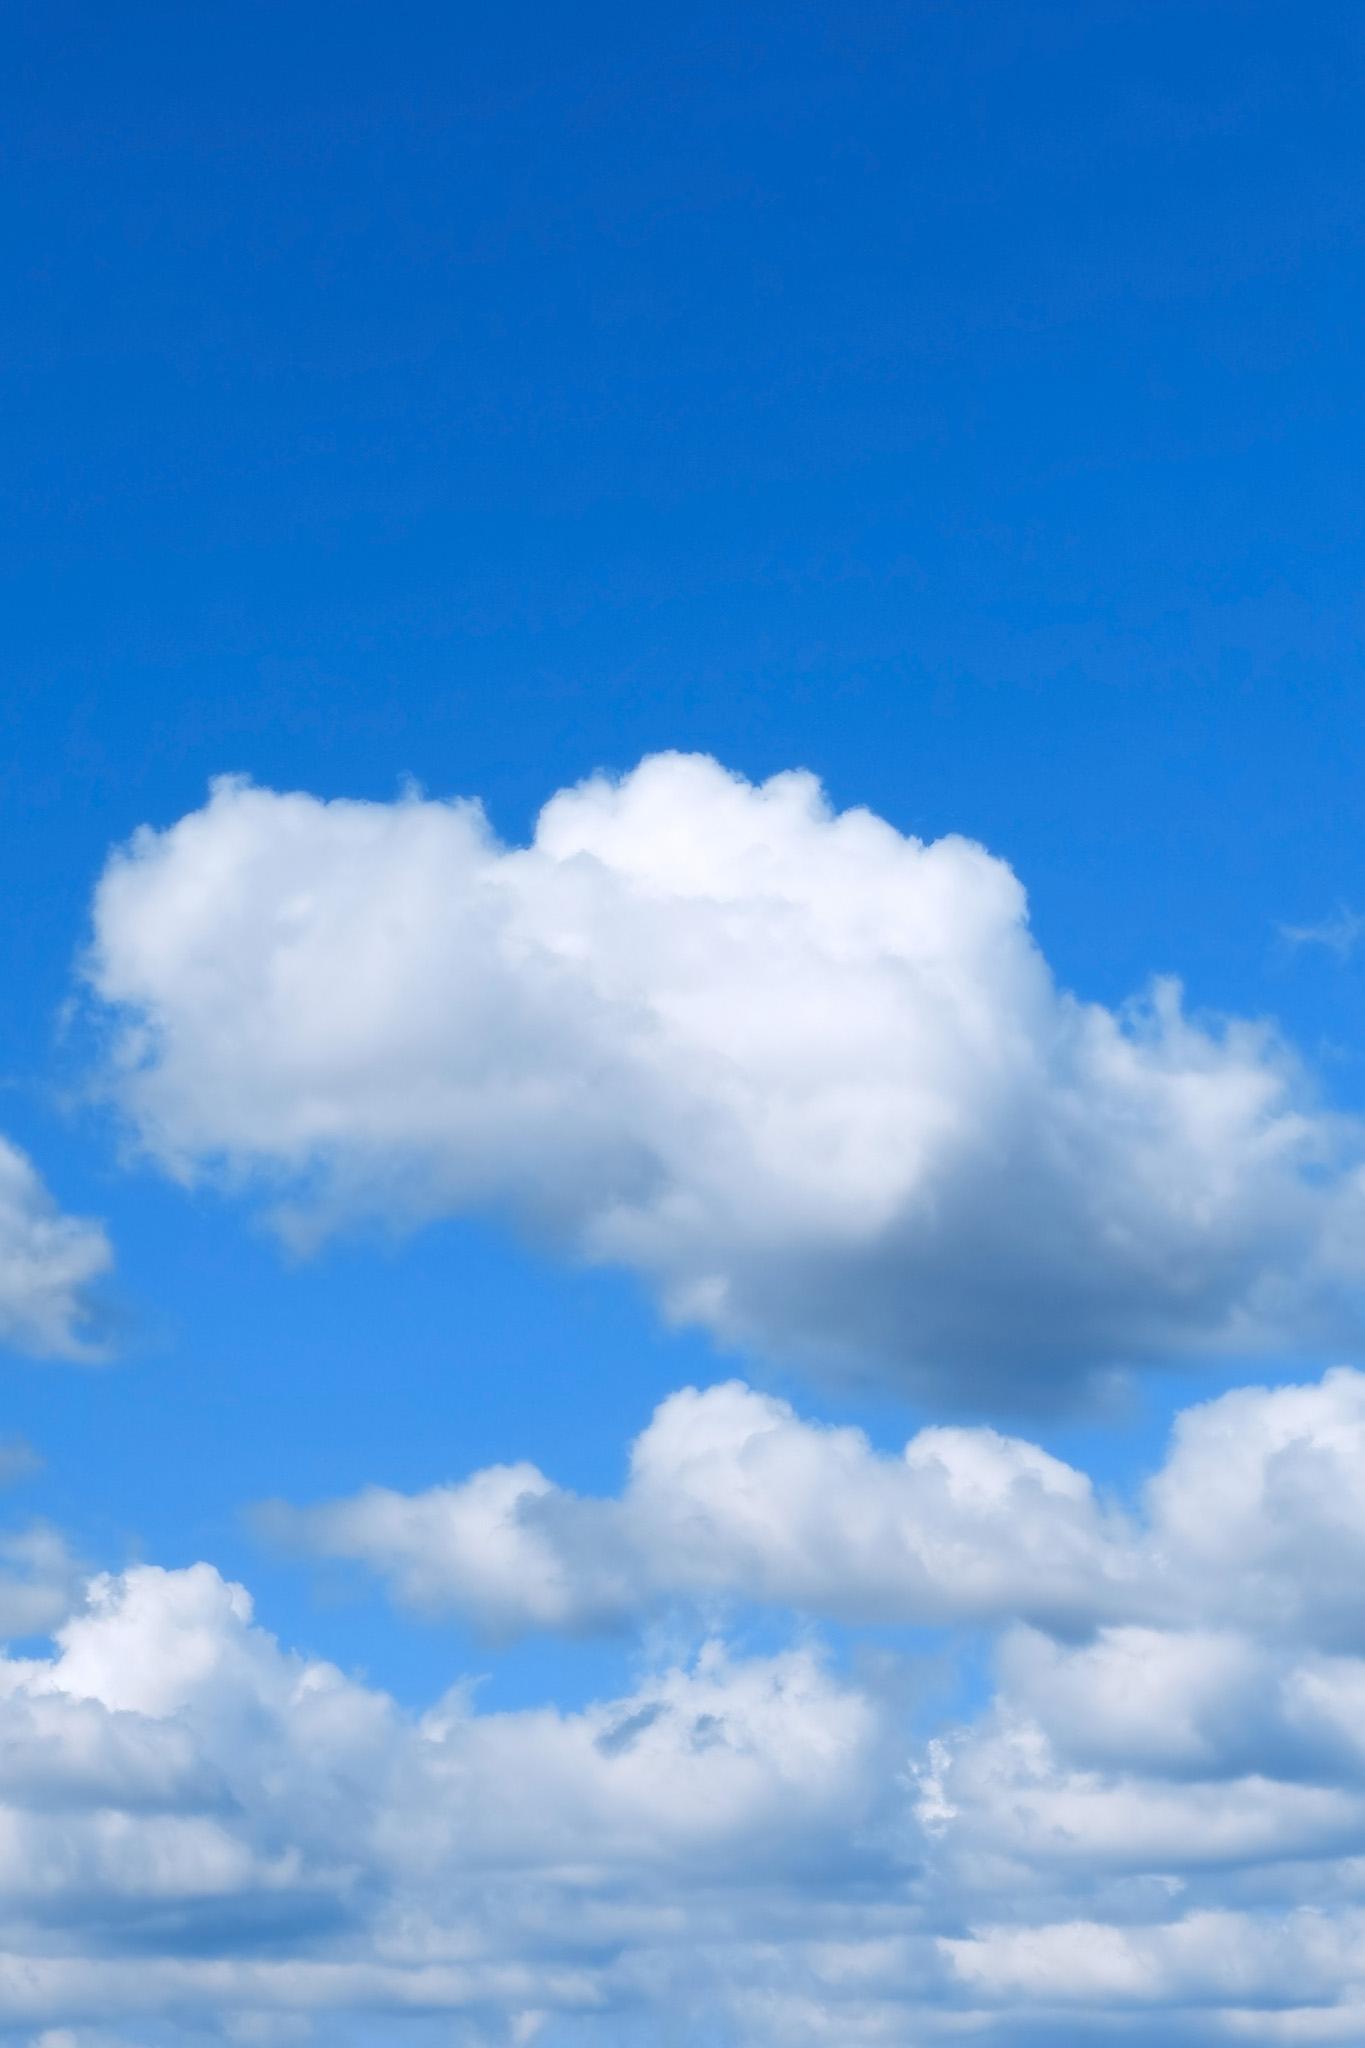 「叢雲と静穏な青空」の画像を無料ダウンロード